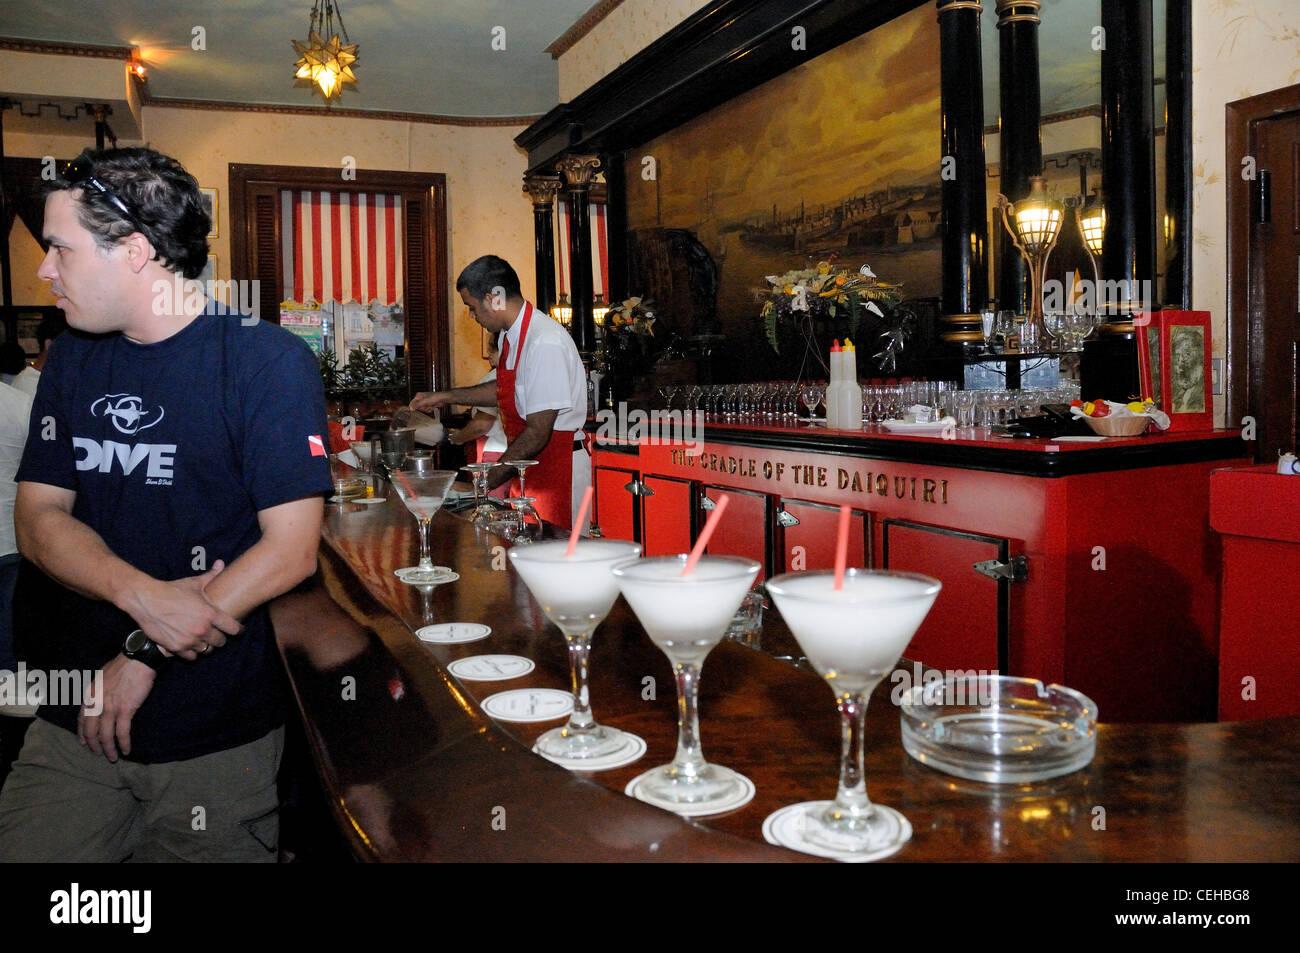 ... Daiquiris in cuban bar El Floridita, La Habana, capital city of Havana